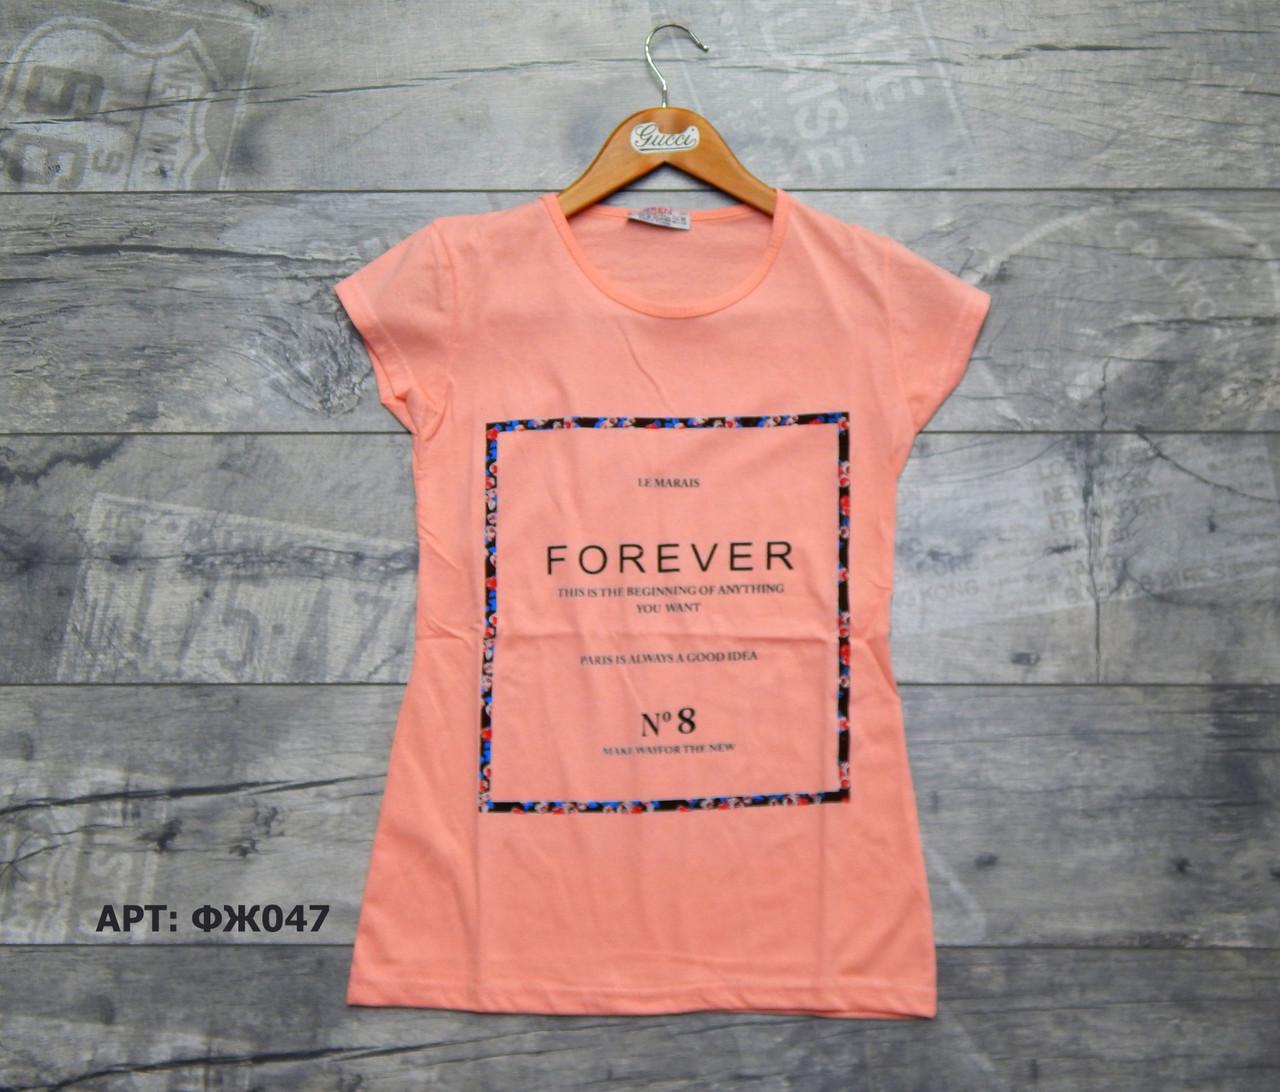 Женская футболка. Размеры: M/L/XL/2XL